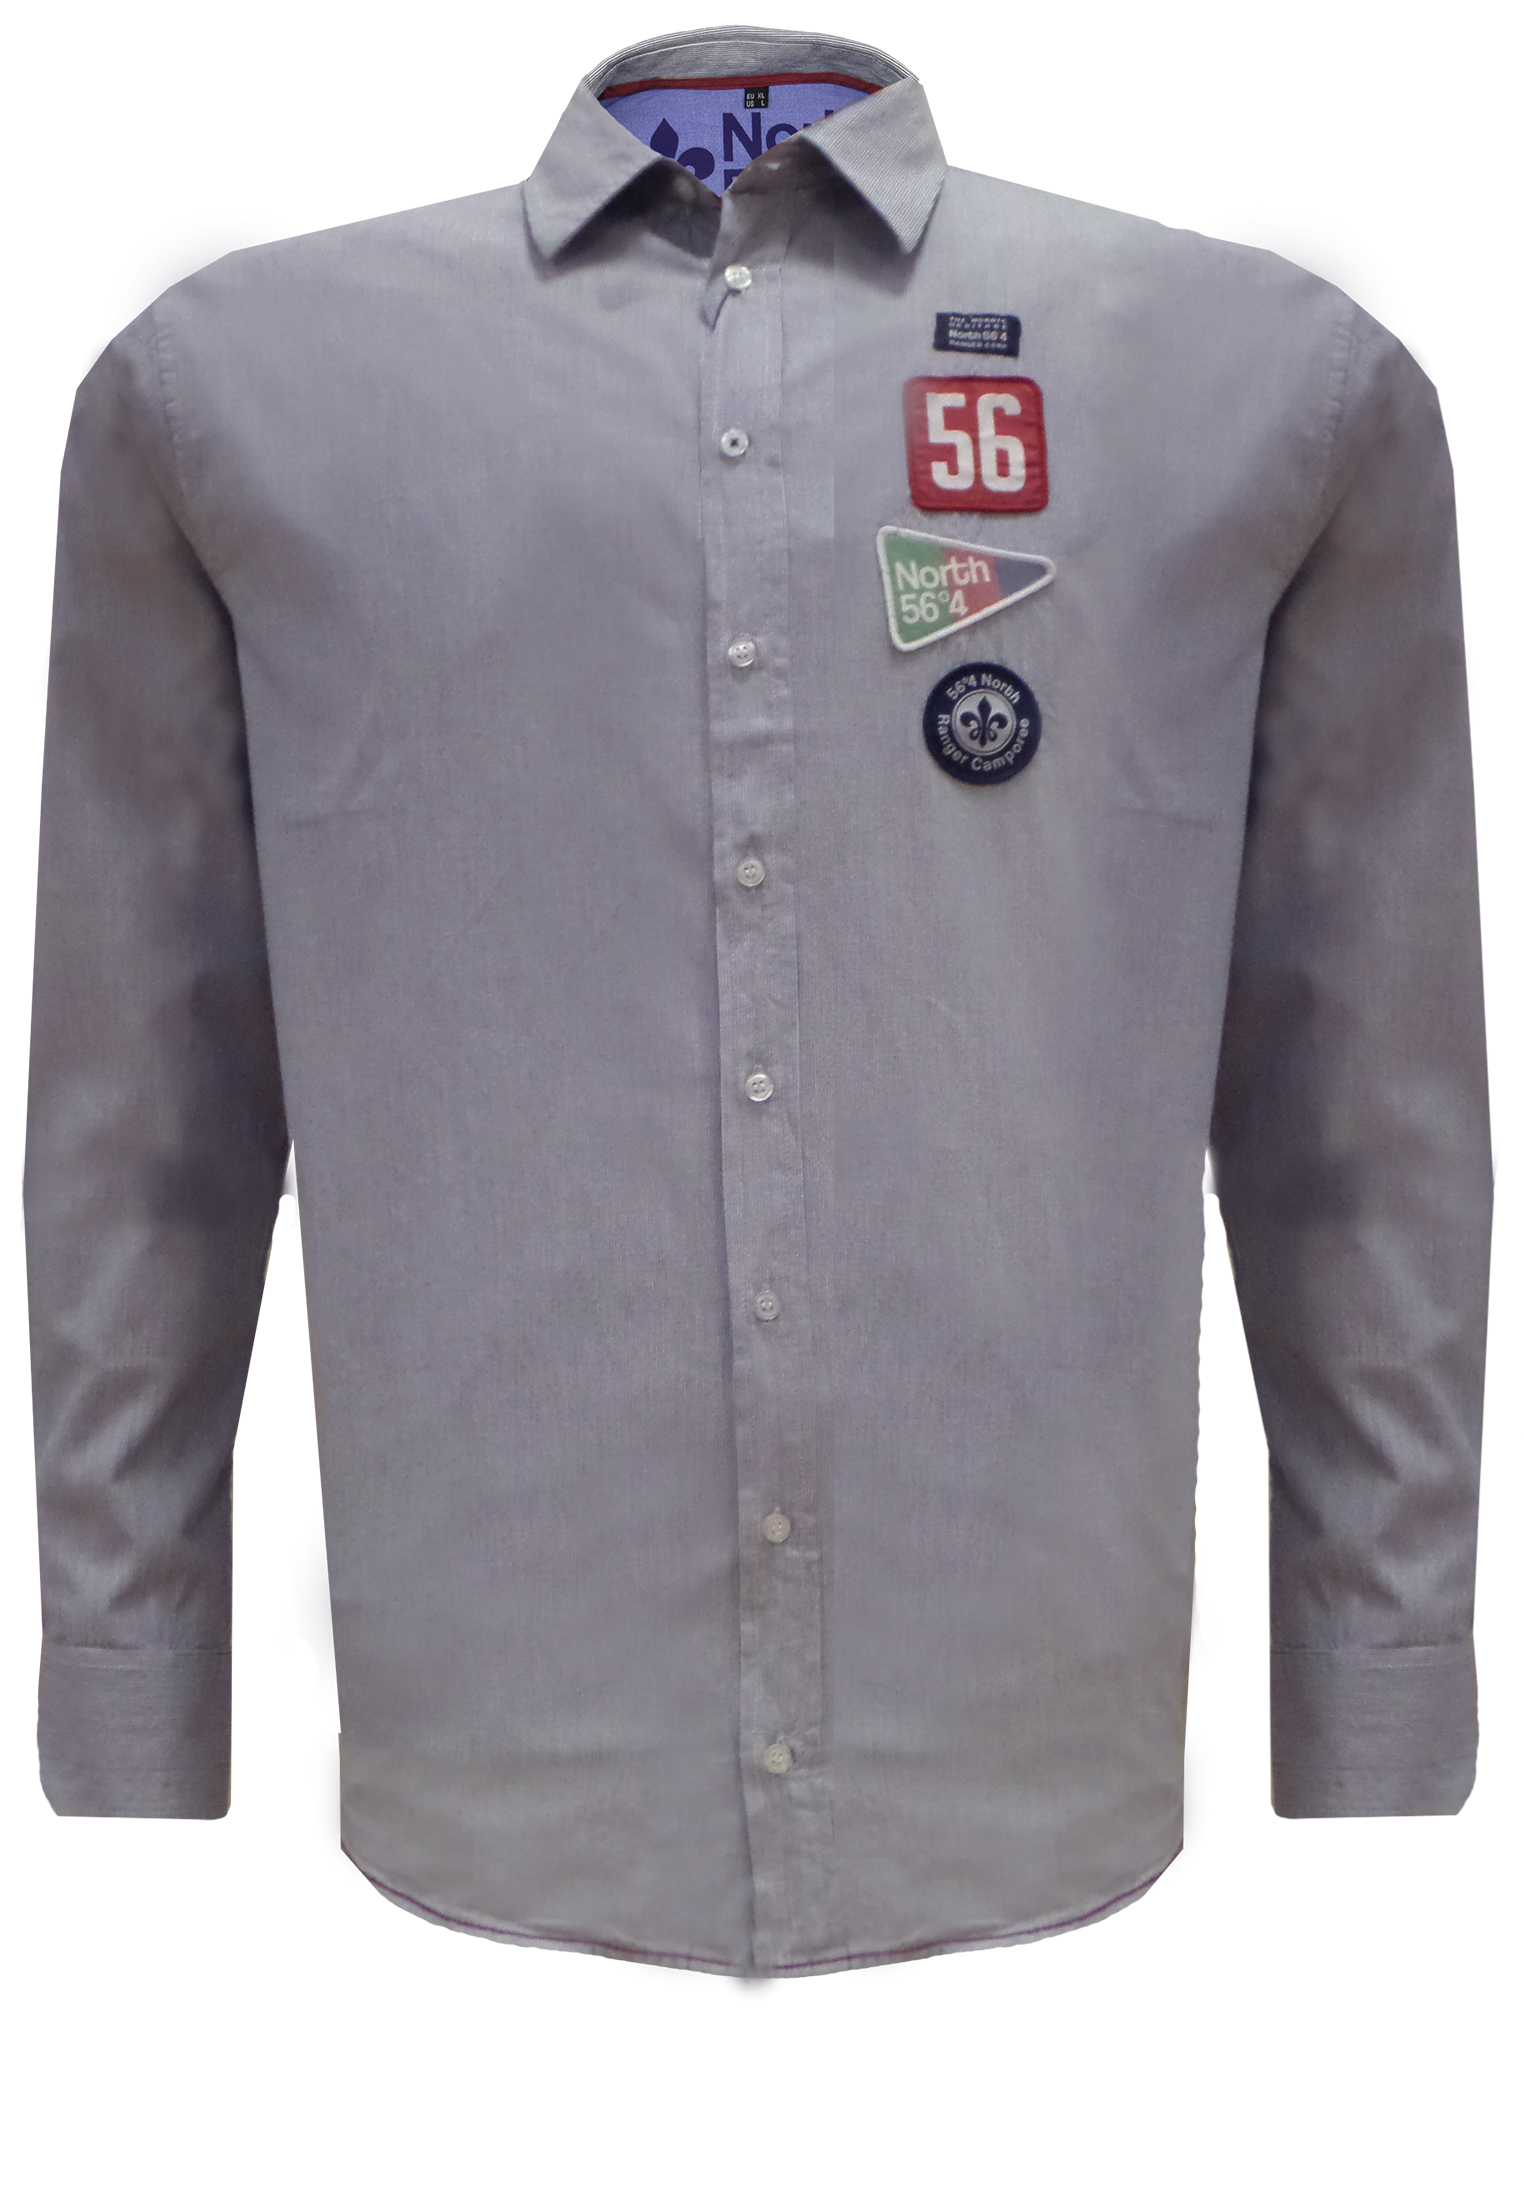 Jeugdig en nonchalant overhemd van North 56°4 met verschillende emblemen op de borst en mouwen. Het rugpand heeft een pas met een borduursel en de onderkant is rond afgezoomd waardoor dit overhemd goed over de broek te dragen is.